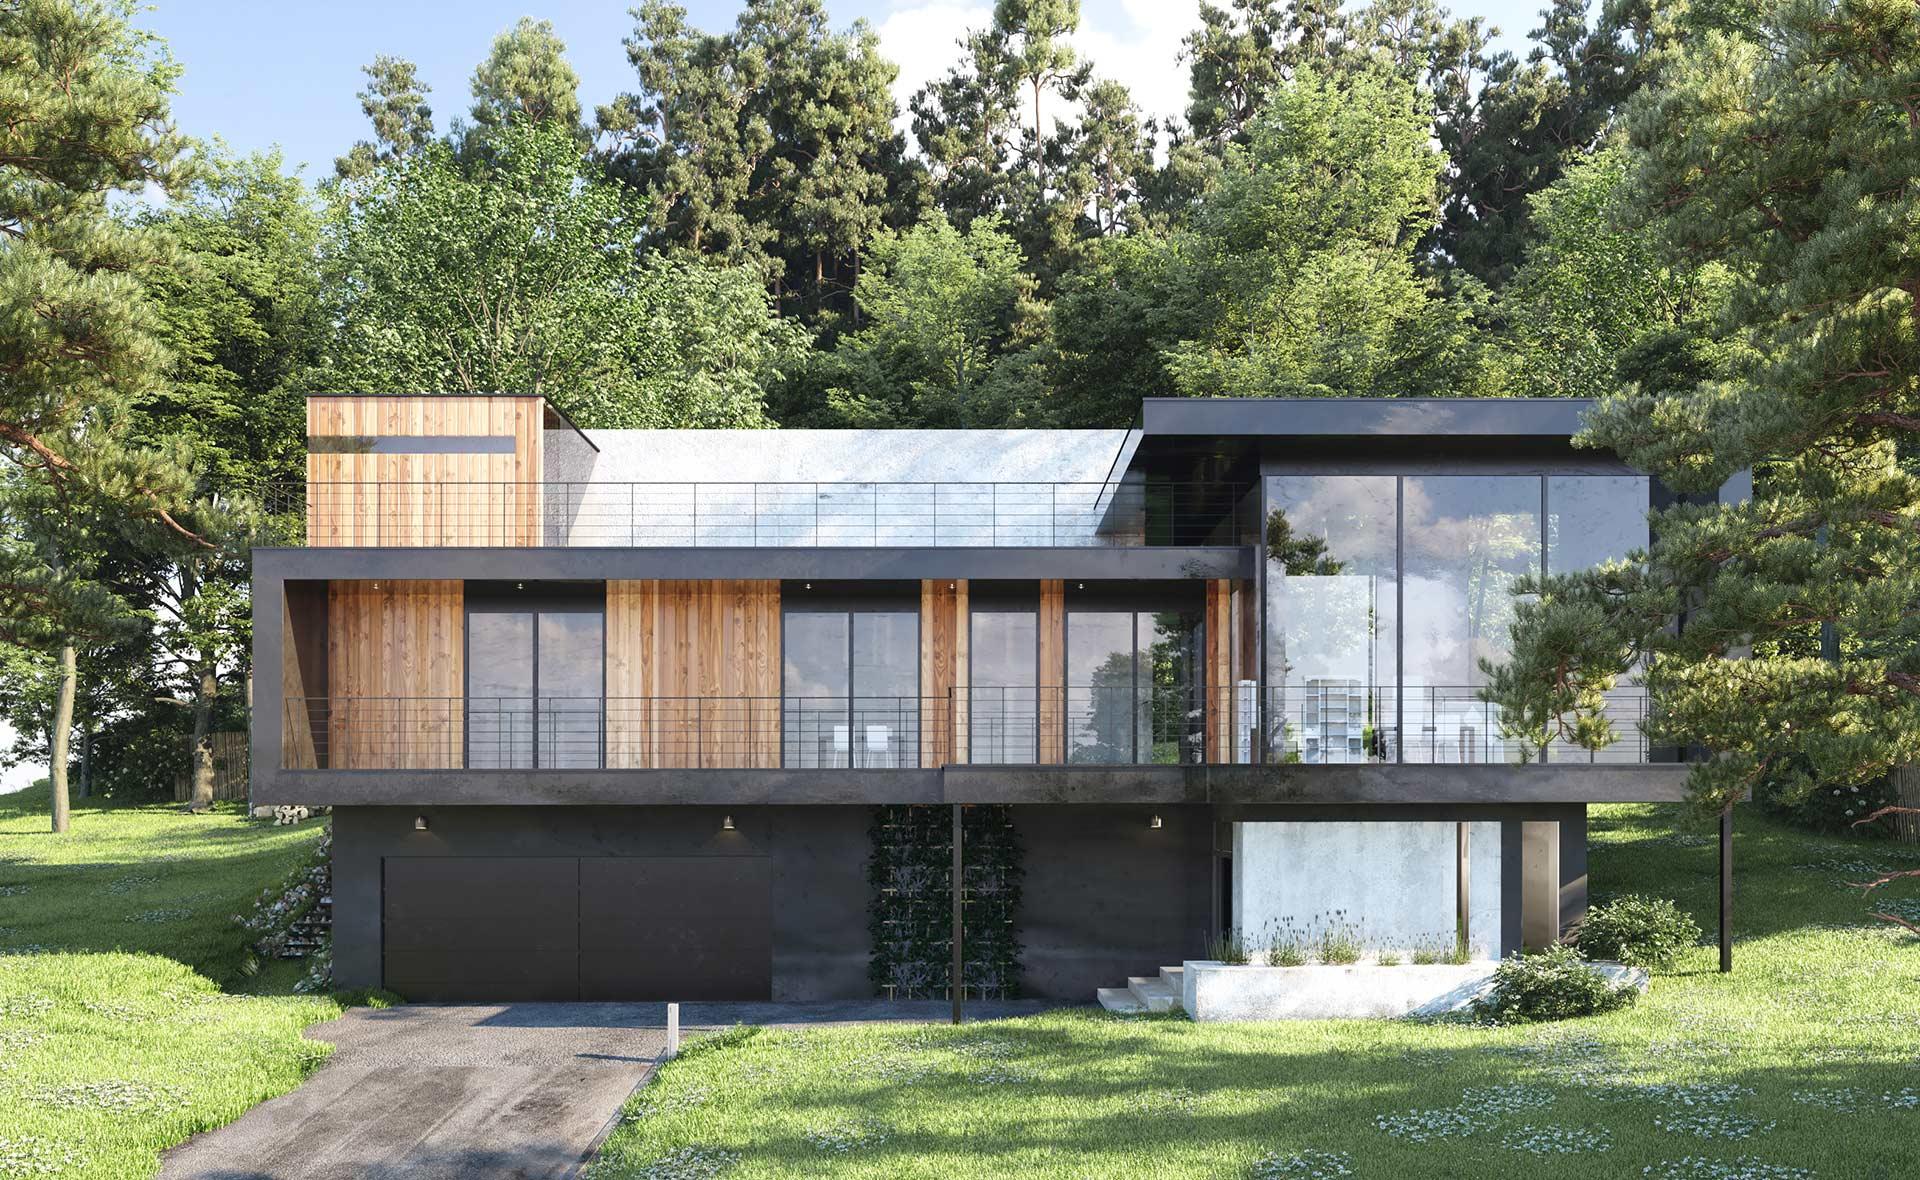 BBVA-biovivienda-sostenibilidad-inmobiliario-verde-cuidado-mediambiente-hogar